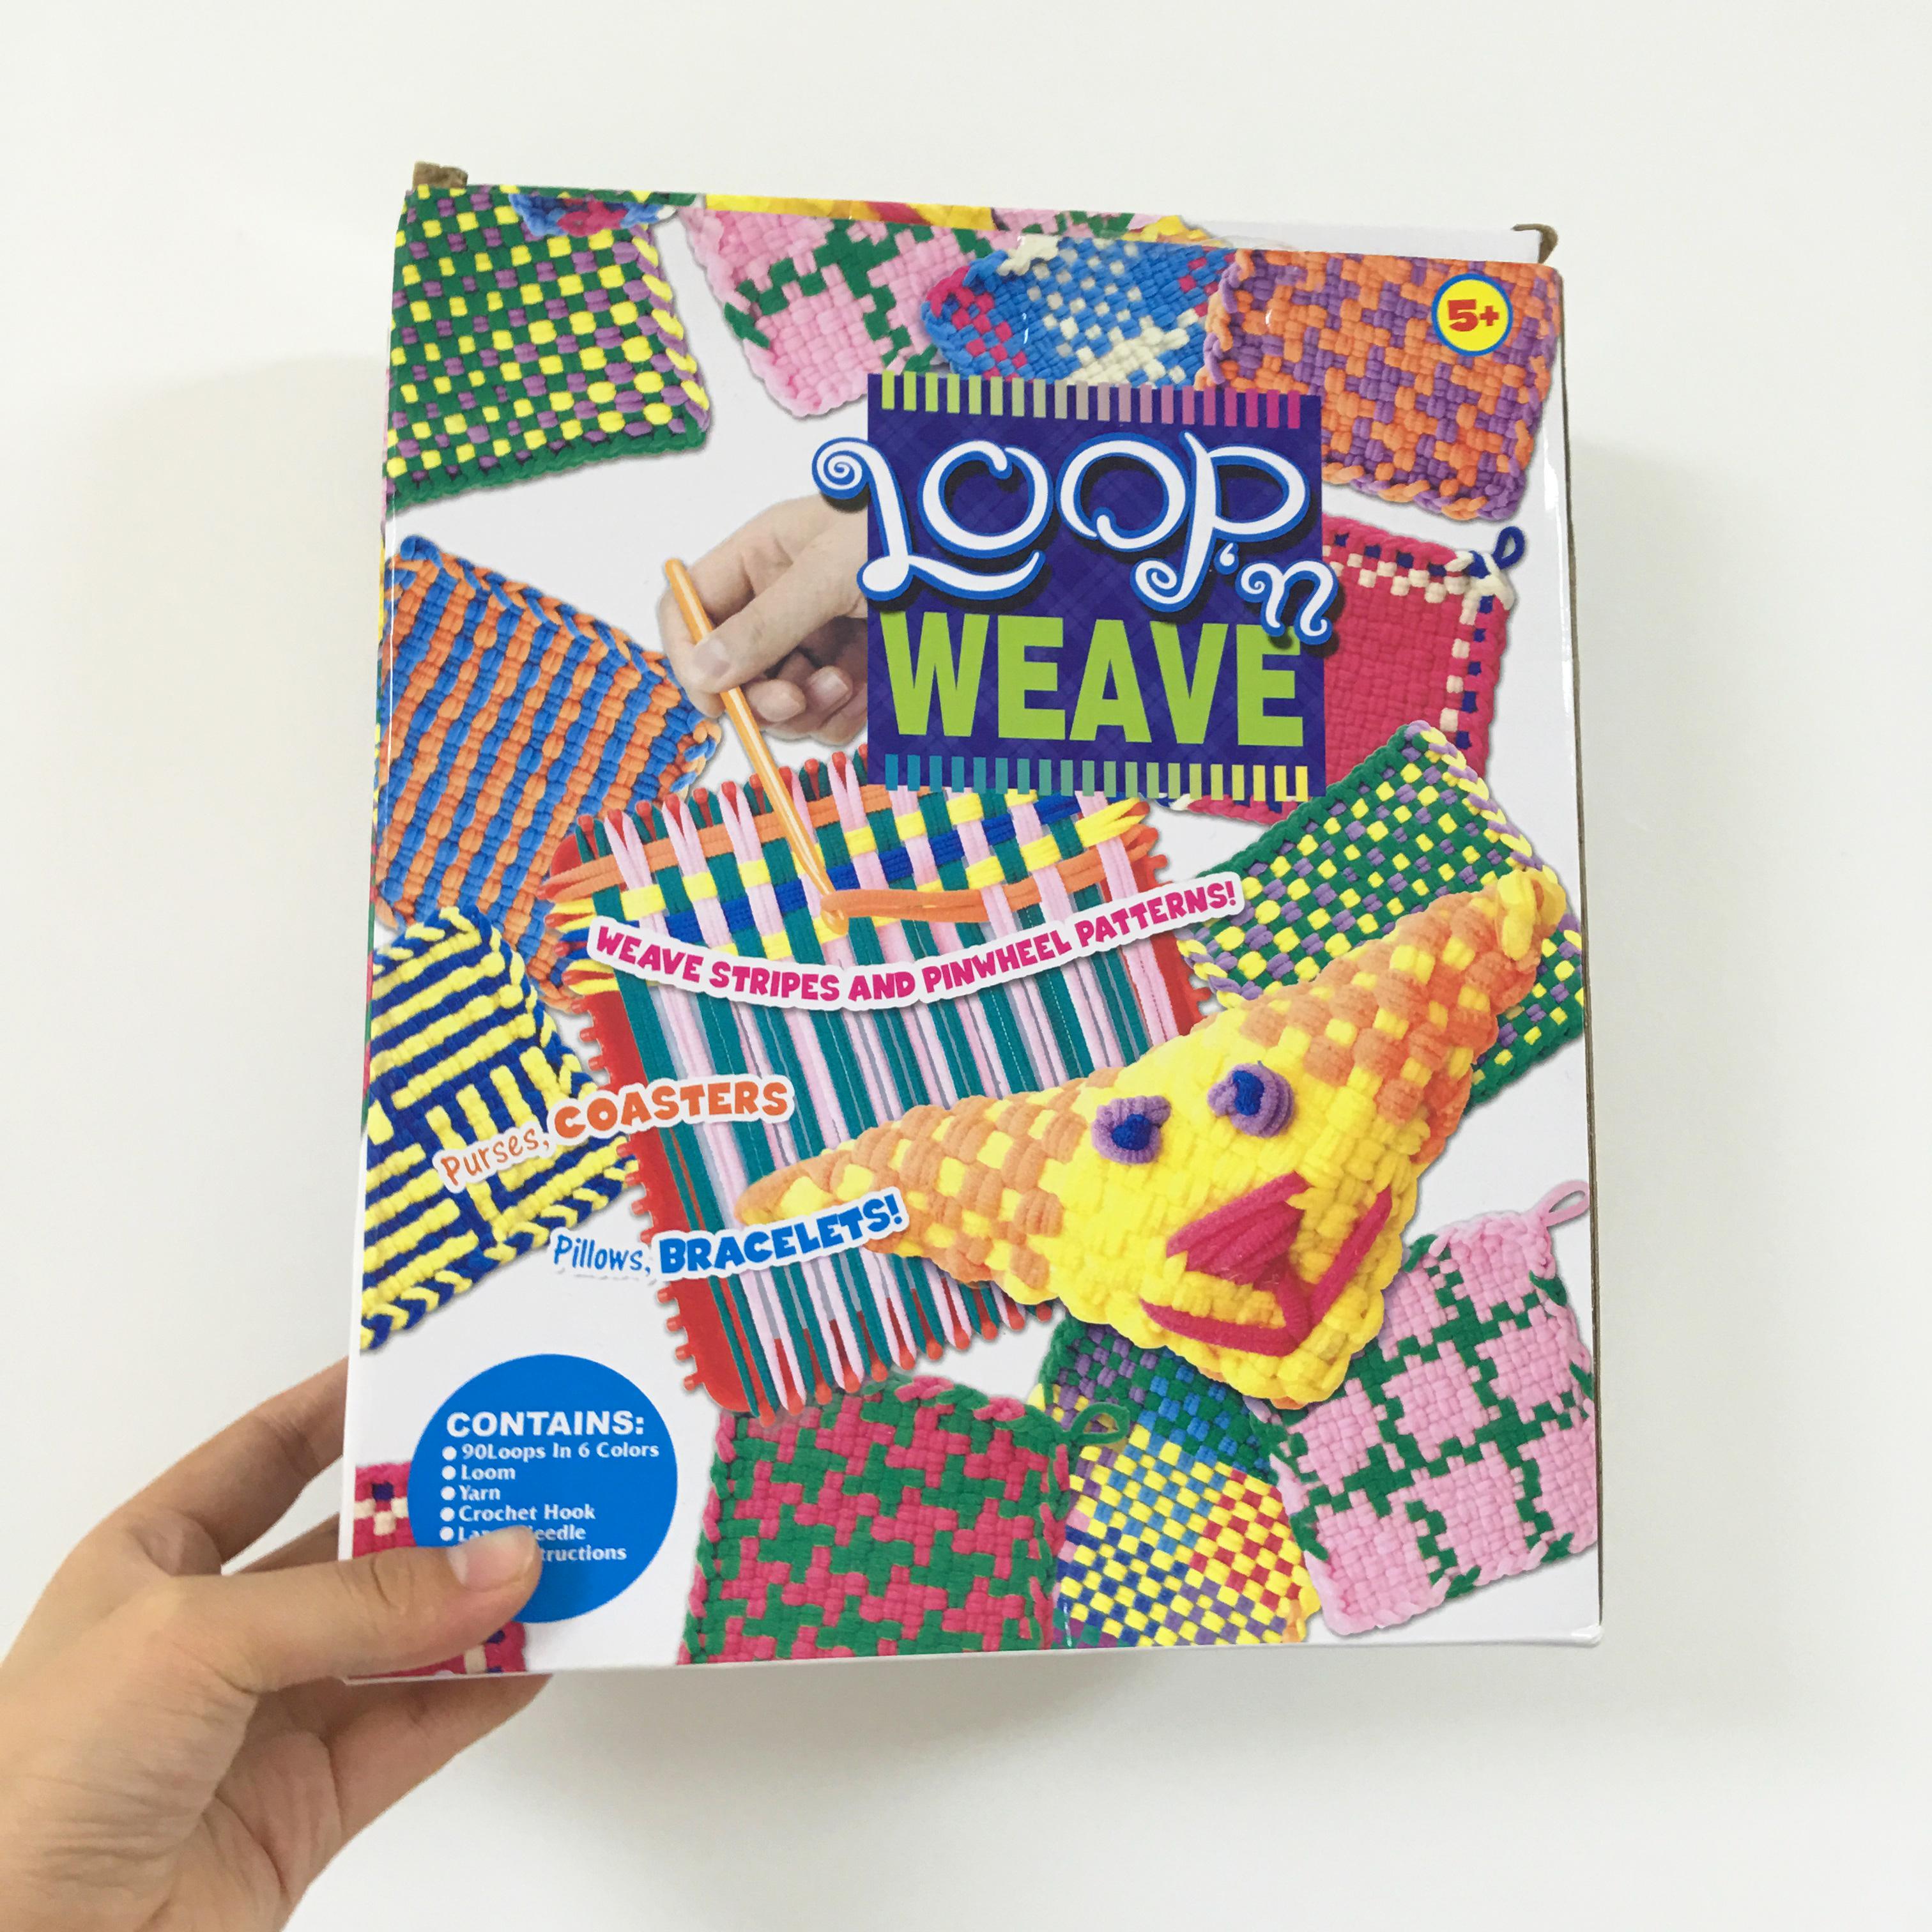 手工织布机布艺编织制作杯垫手袋幼儿园区域益智玩具